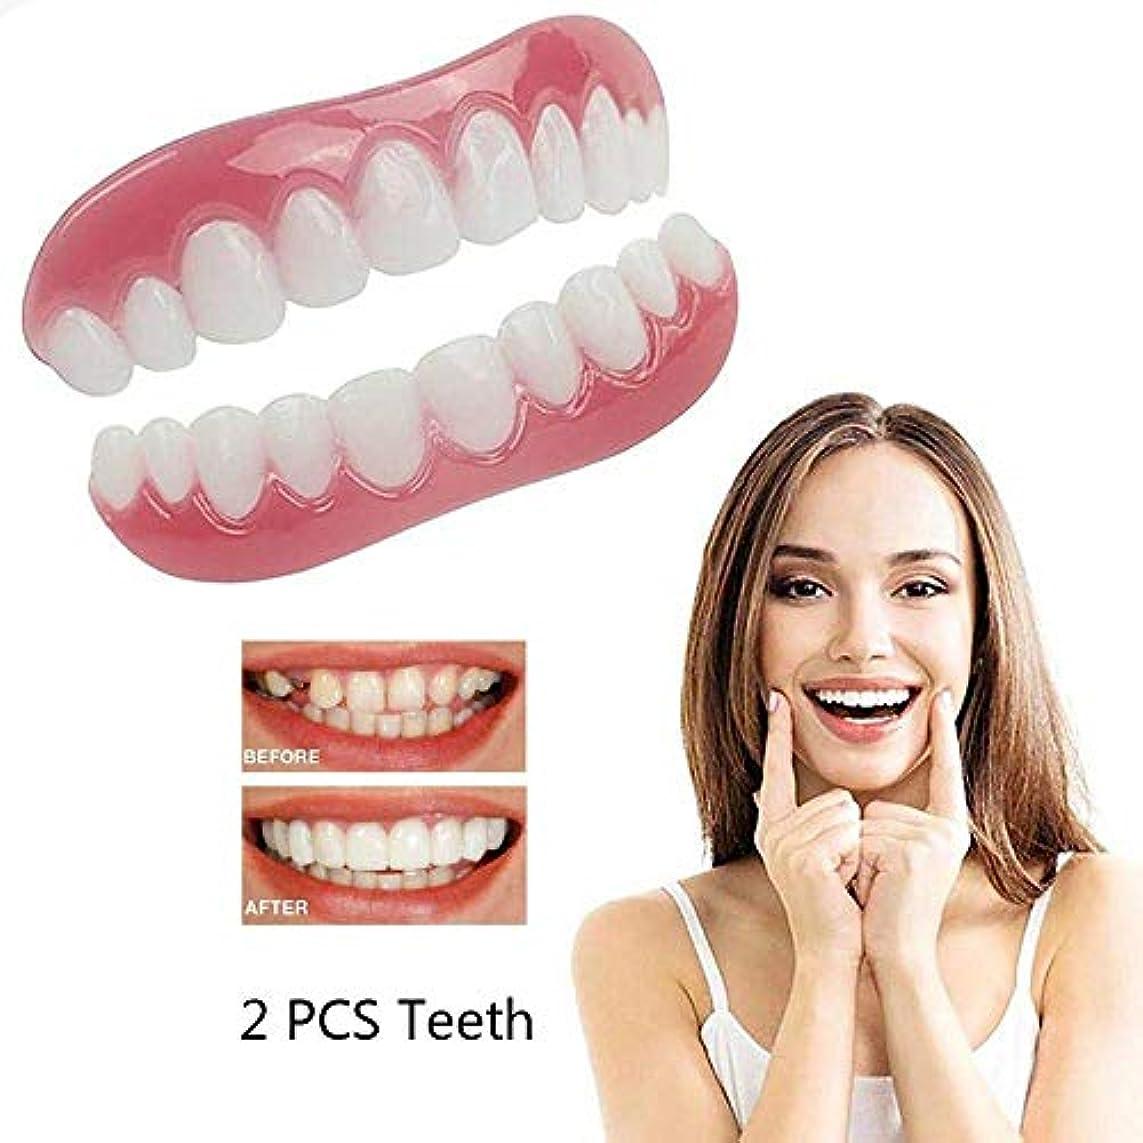 スキッパー公平な建設化粧品の歯のホワイトニングパーフェクトフィットスナップオンスマイルトップとボトムの偽歯インスタントプロテーゼスマイルコンフォートフィットフレックスオーラルケア